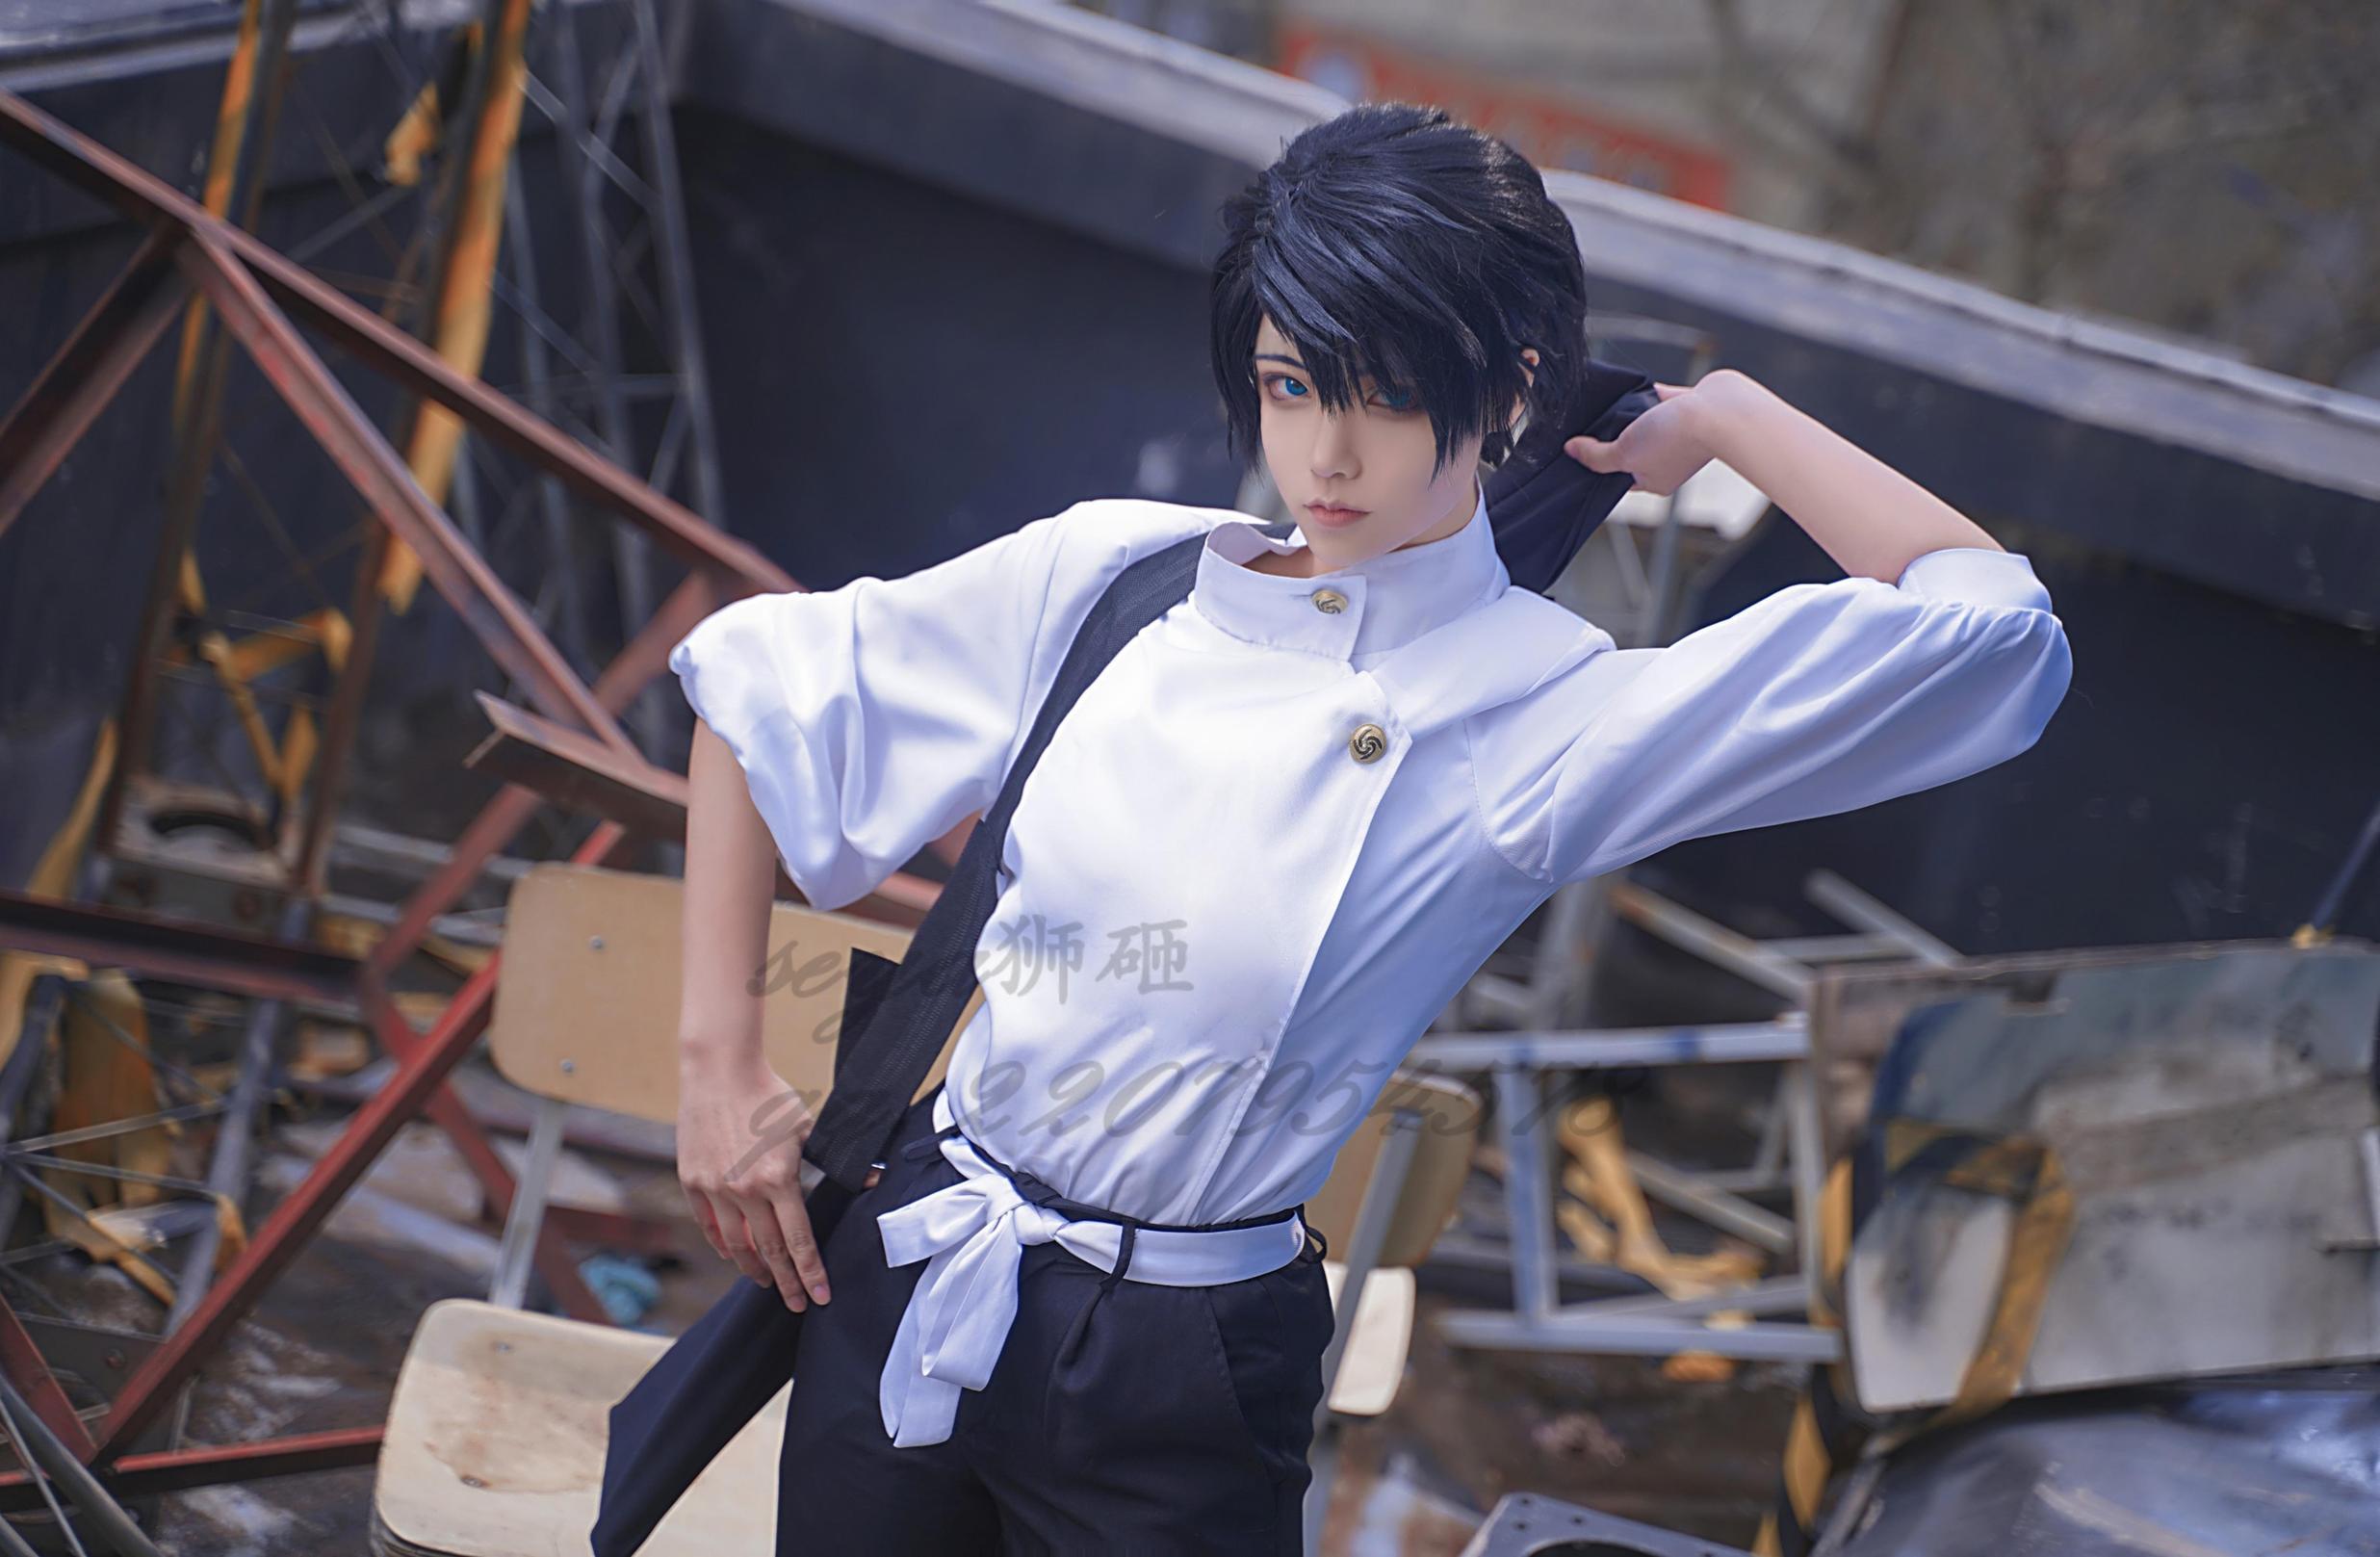 《咒术回战》正片cosplay【CN:seya-狮砸砸砸砸砸】-第5张